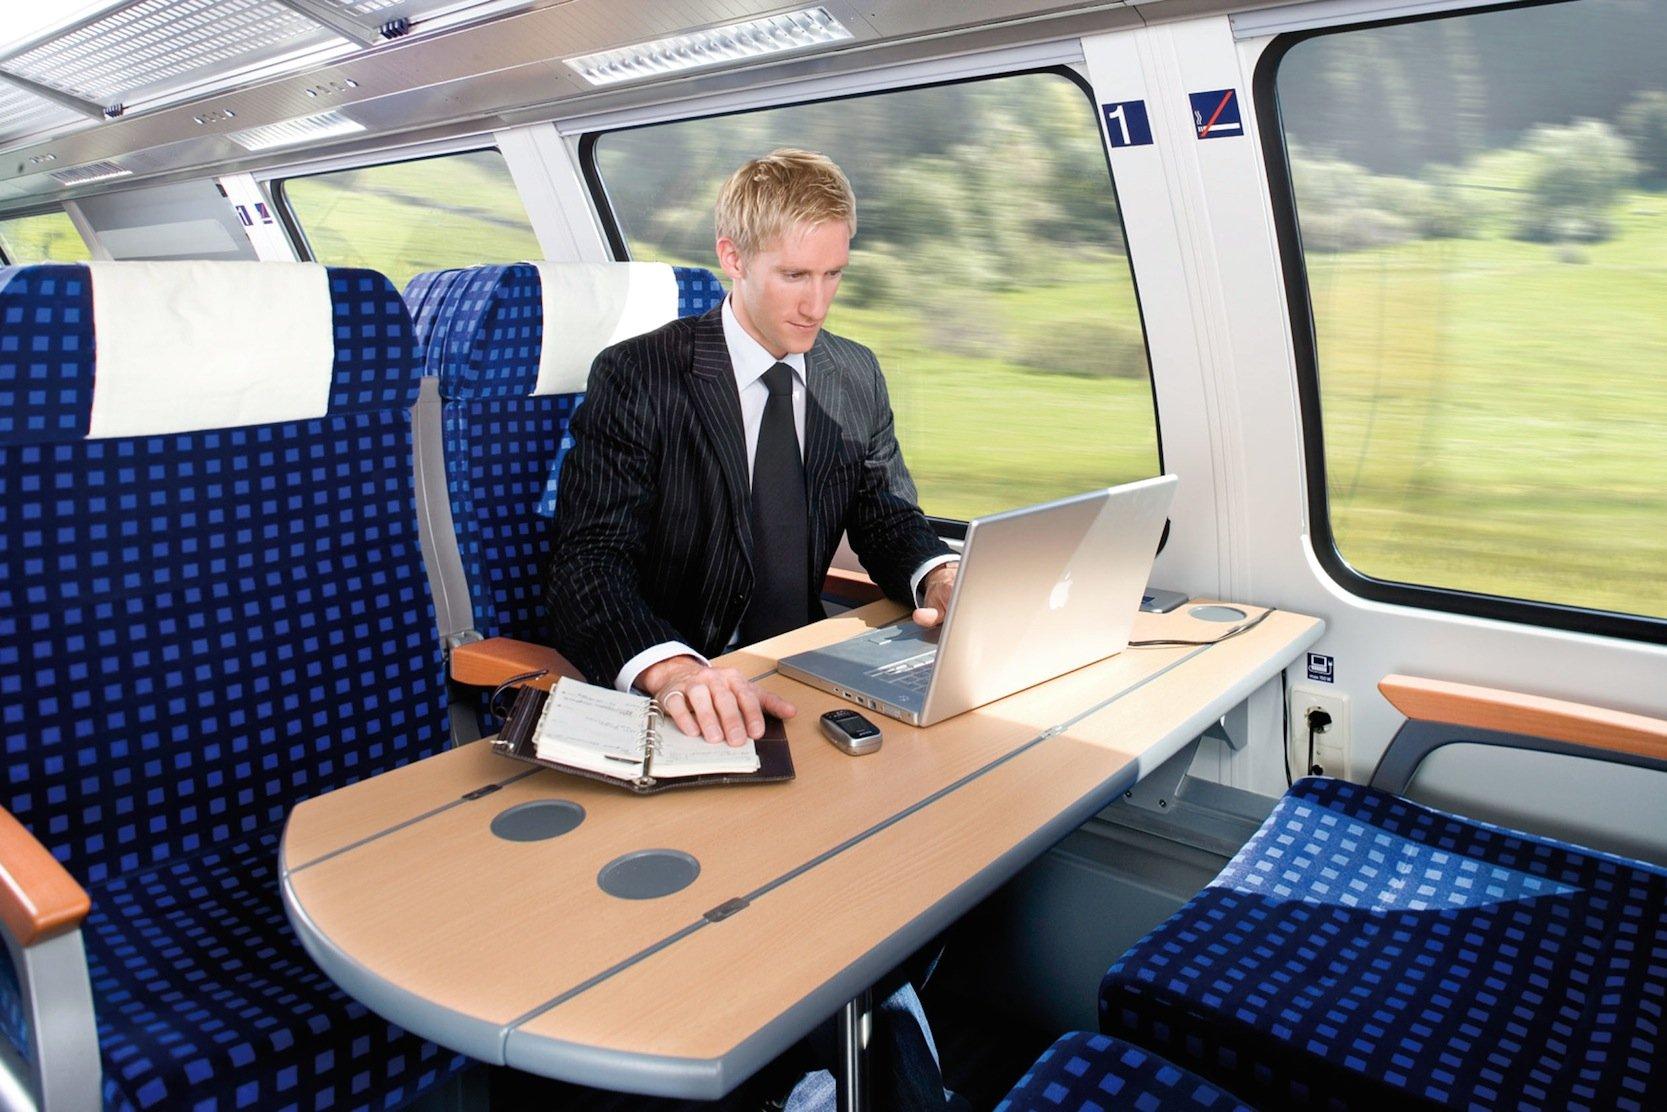 Arbeiten in einem Regionalzug der Schwarzwaldbahn der Deutschen Bahn: In künftigen Zügen will die Bahn das Arbeiten durch neue IT-Techniken verbessern.